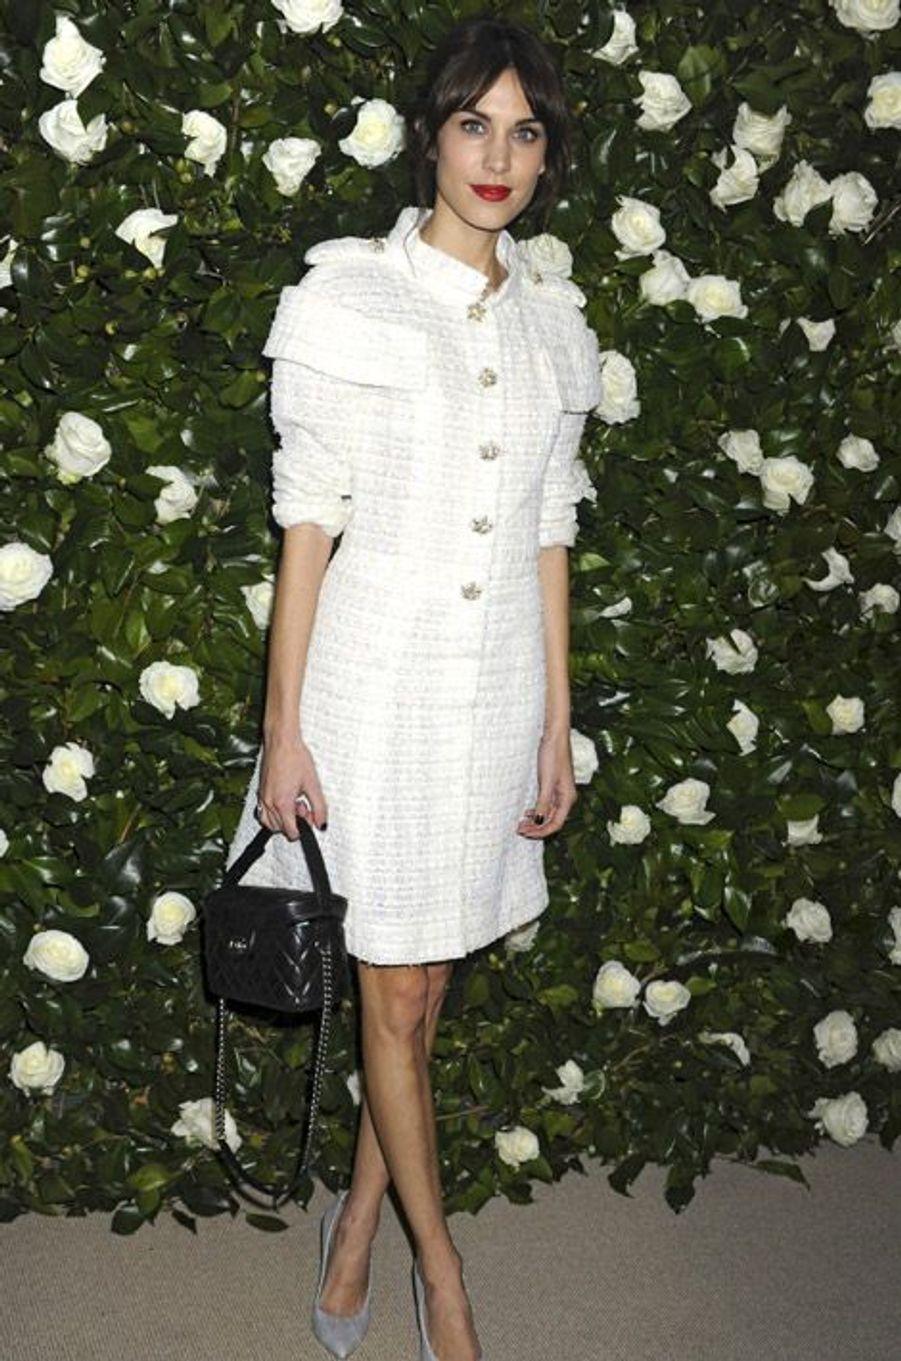 Comme une seconde peau L'option trench, manteau ou pardessus reste la meilleure quand il s'agit de porter du blanc en hiver. Véritable seconde peau, s'il est coupé de façon élégante, le manteau peut prendre des airs de robes, comme sur la duchesse de Cambridge Kate Middleton, l'actrice Jennifer Lawrence ou la it-girl Alexa Chung.Mais il offre aussi un second choix: être assumé en tant que vêtement à part entière. Une veste blazer croisée un peu longue ou enfilée par-dessus un short ou un pantalon et le tour est joué. Laetitia Casta ou l'actrice britannique Kristen Stewart, maîtrisent le style à la perfection.